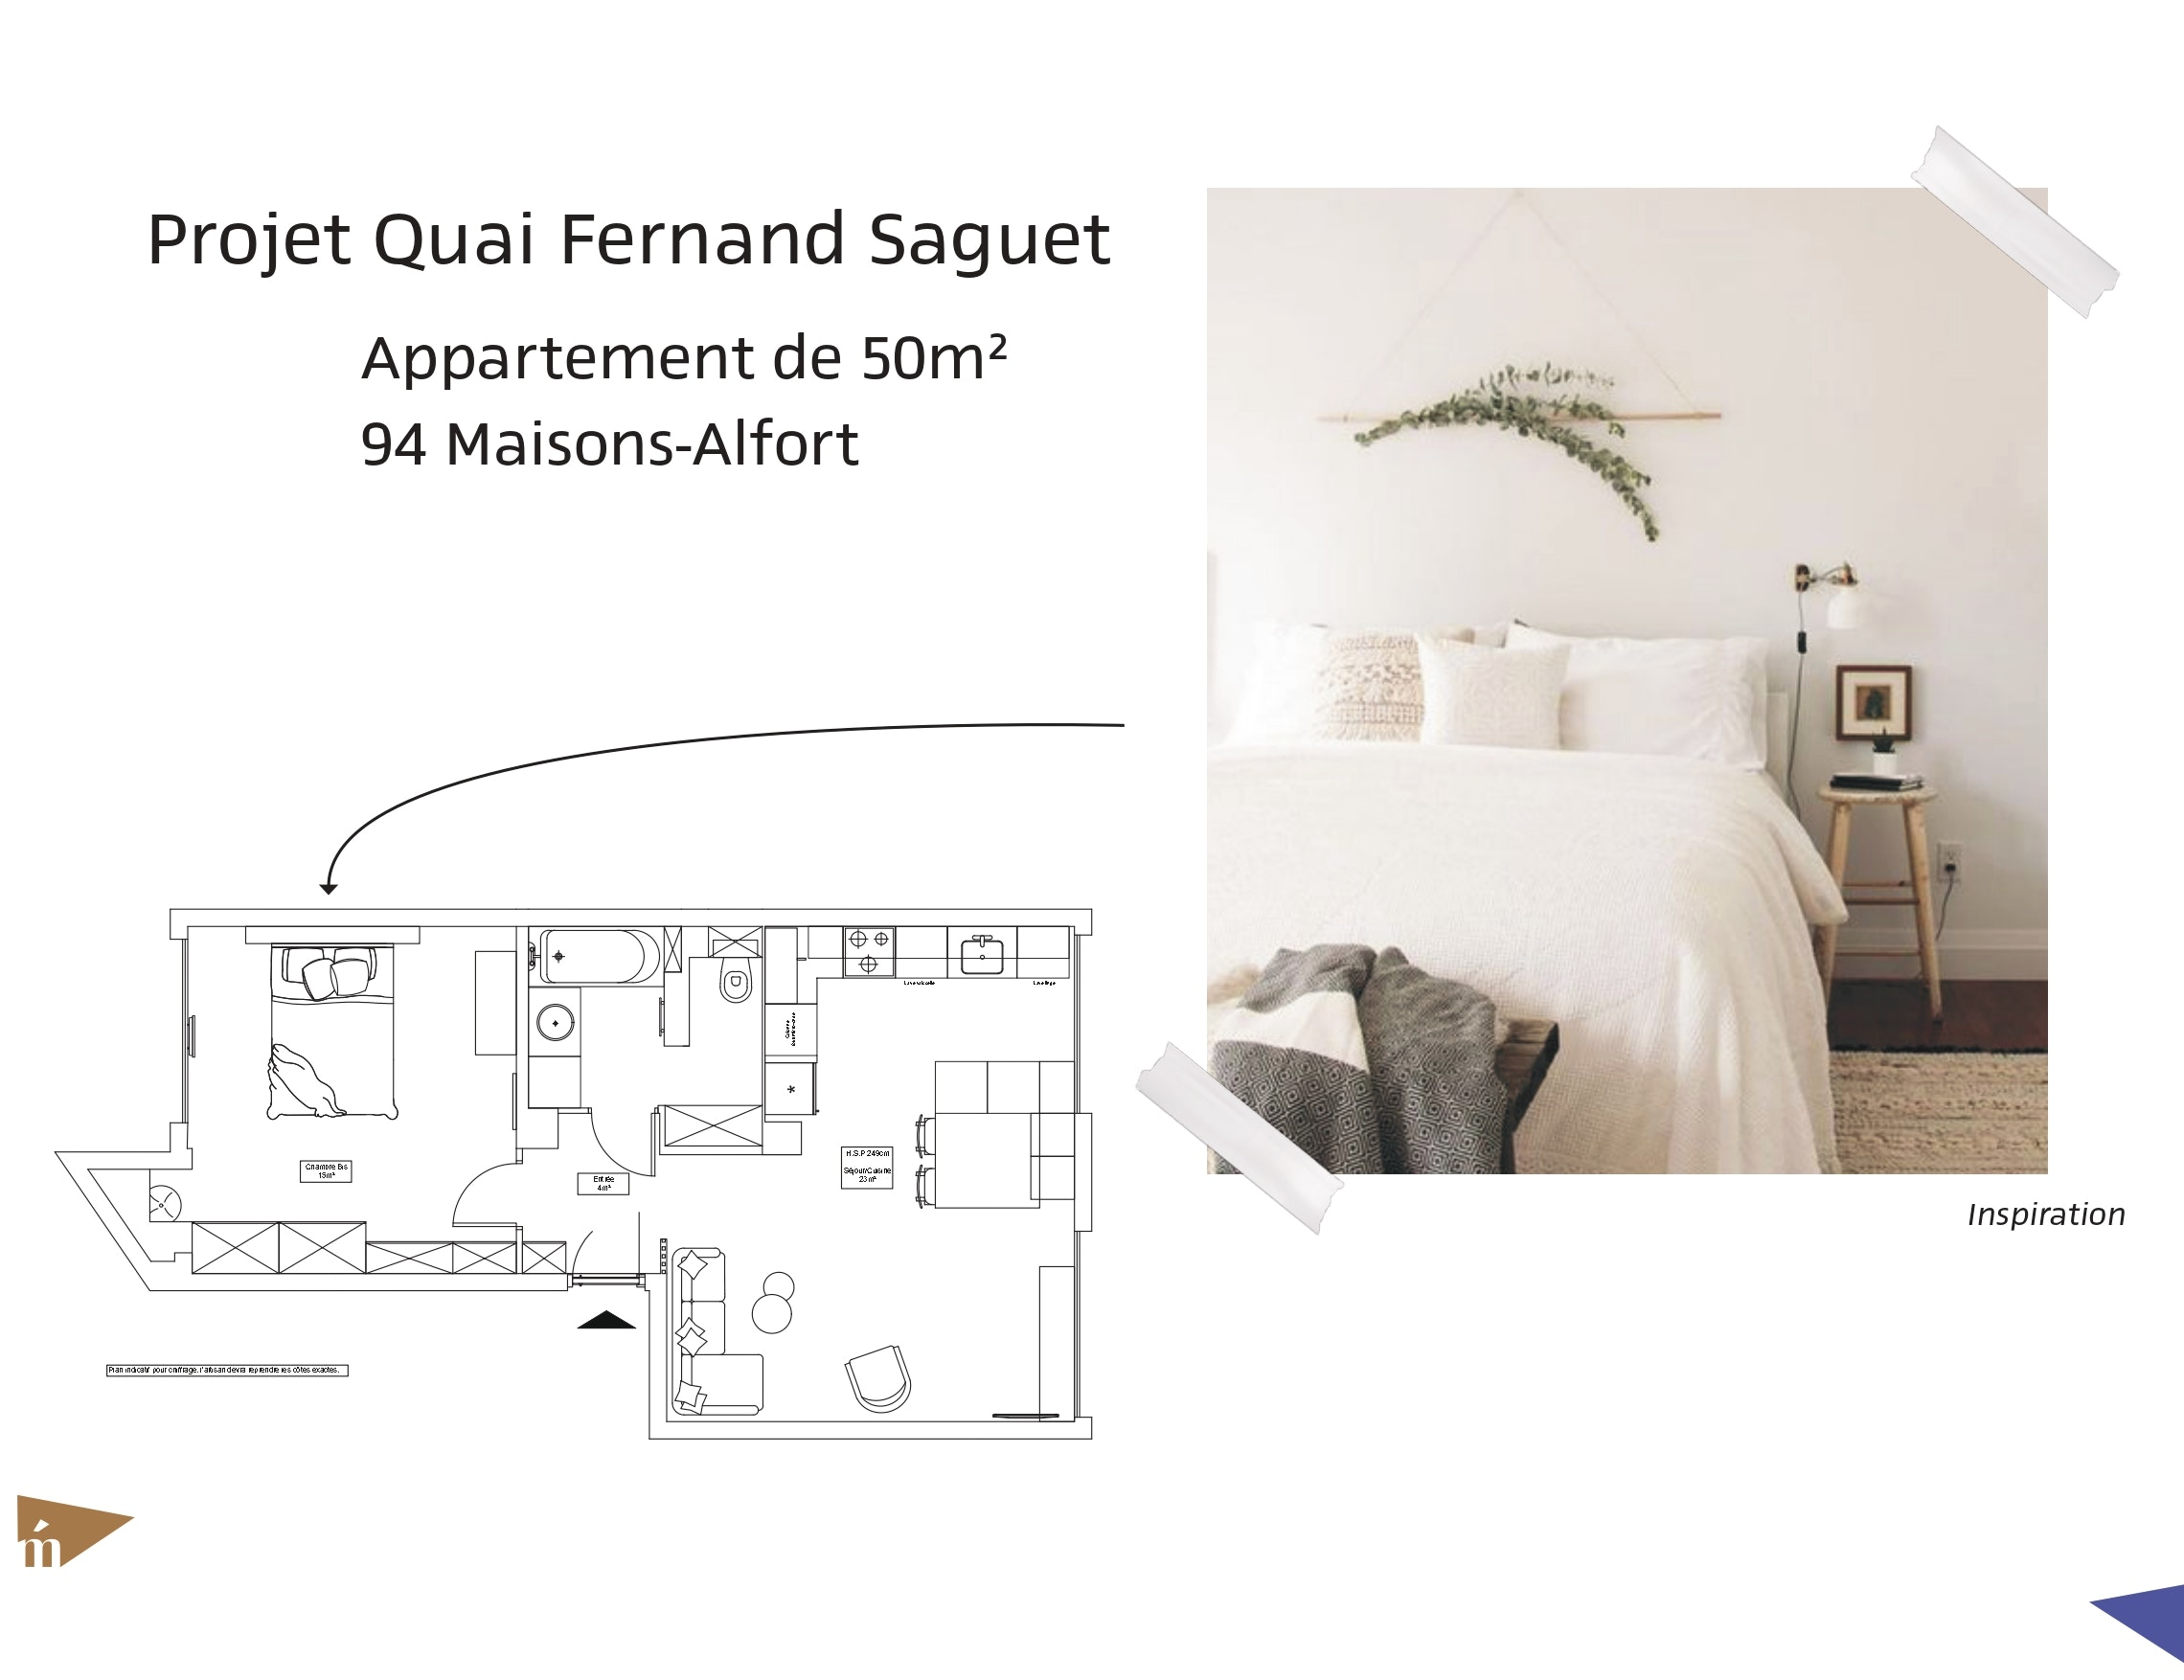 photo Projet Quai Fernand Saguet - T2 - Maisons Alfort Léa Mast - Architecte hemea